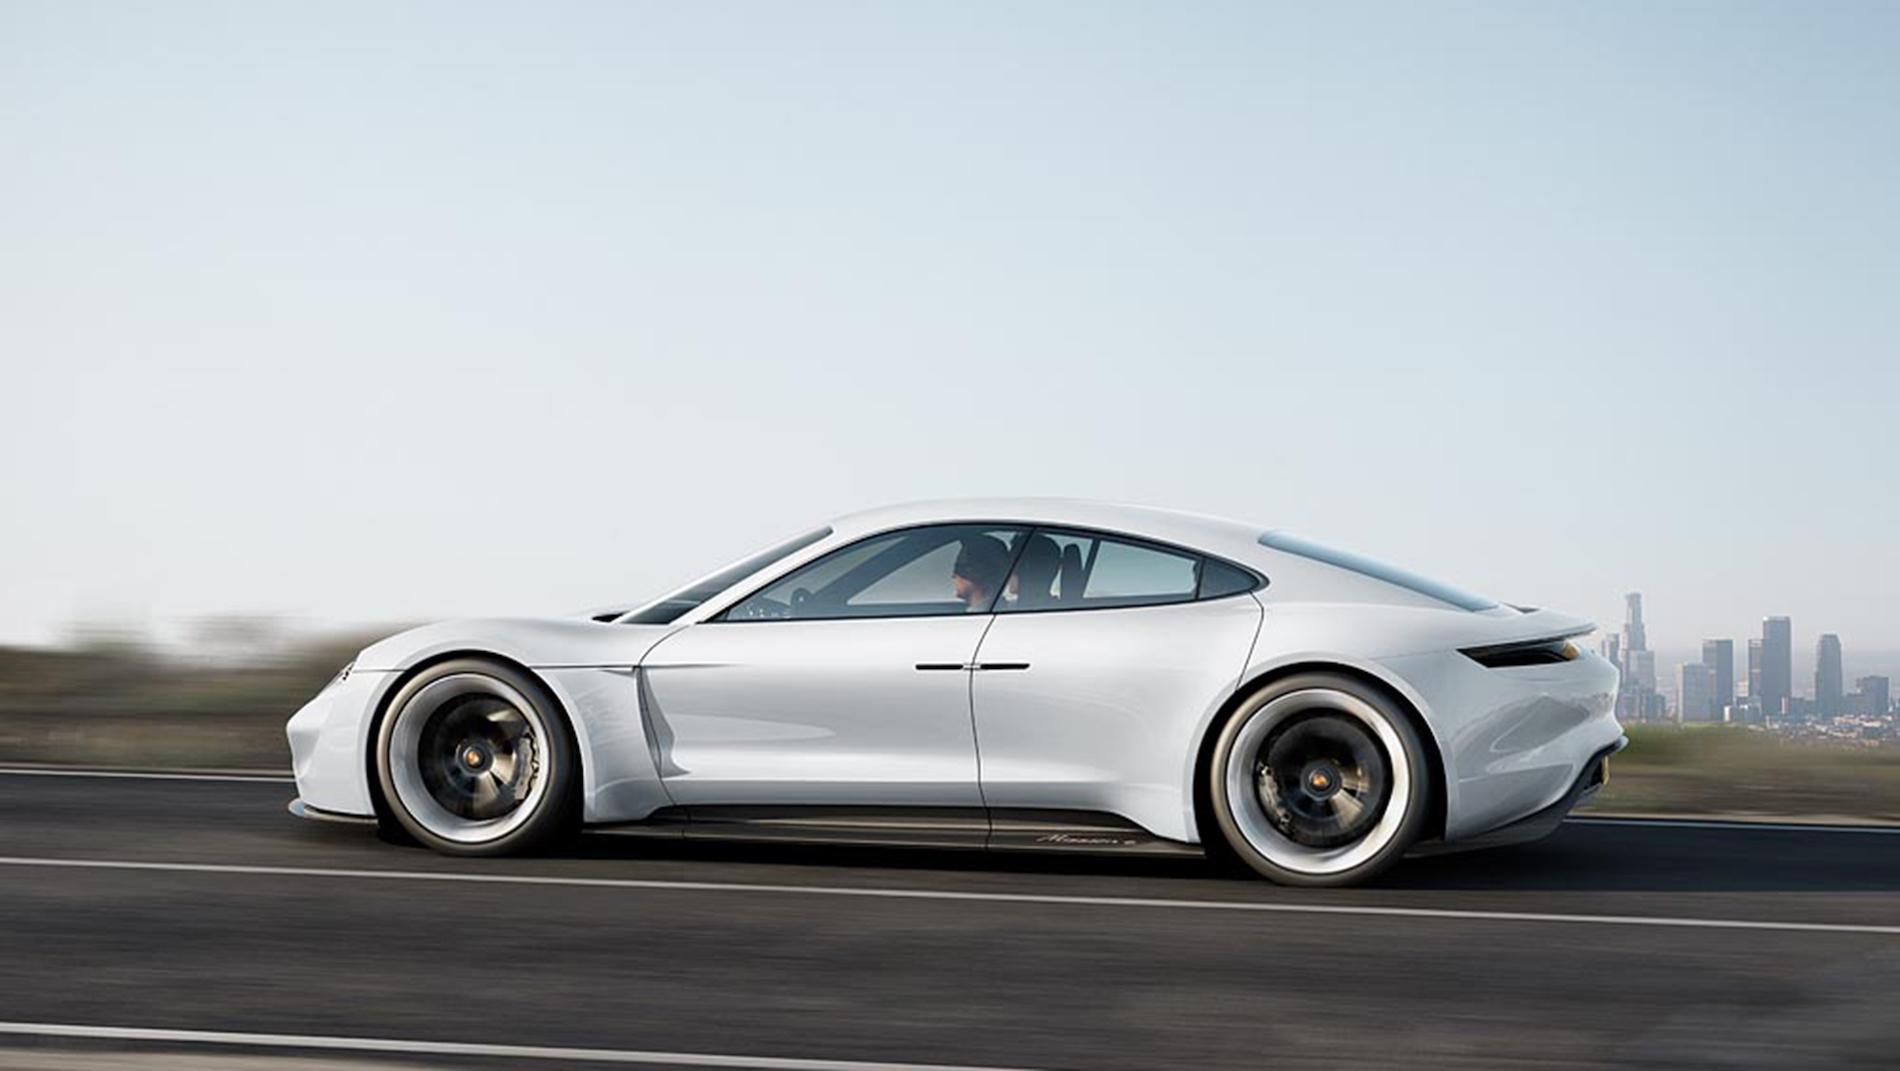 Porsche Taycan: Mehr als 20.000 Kaufinteressenten für den Elektro-Sportler von Porsche 8